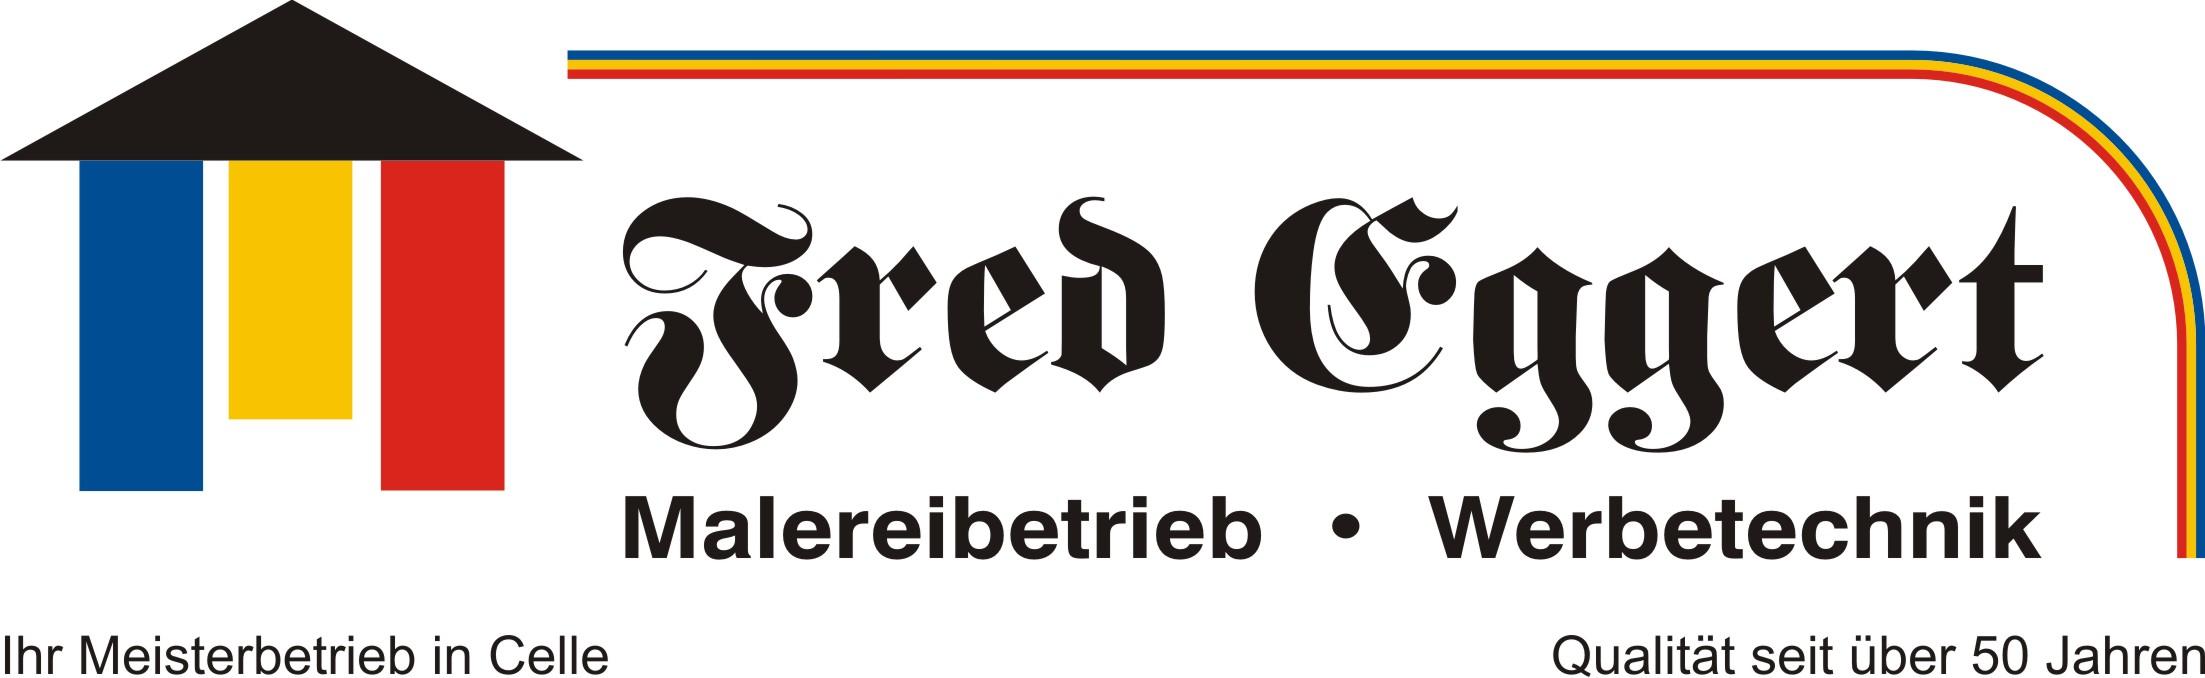 Eggert Malereibetrieb und Werbetechnik Logo